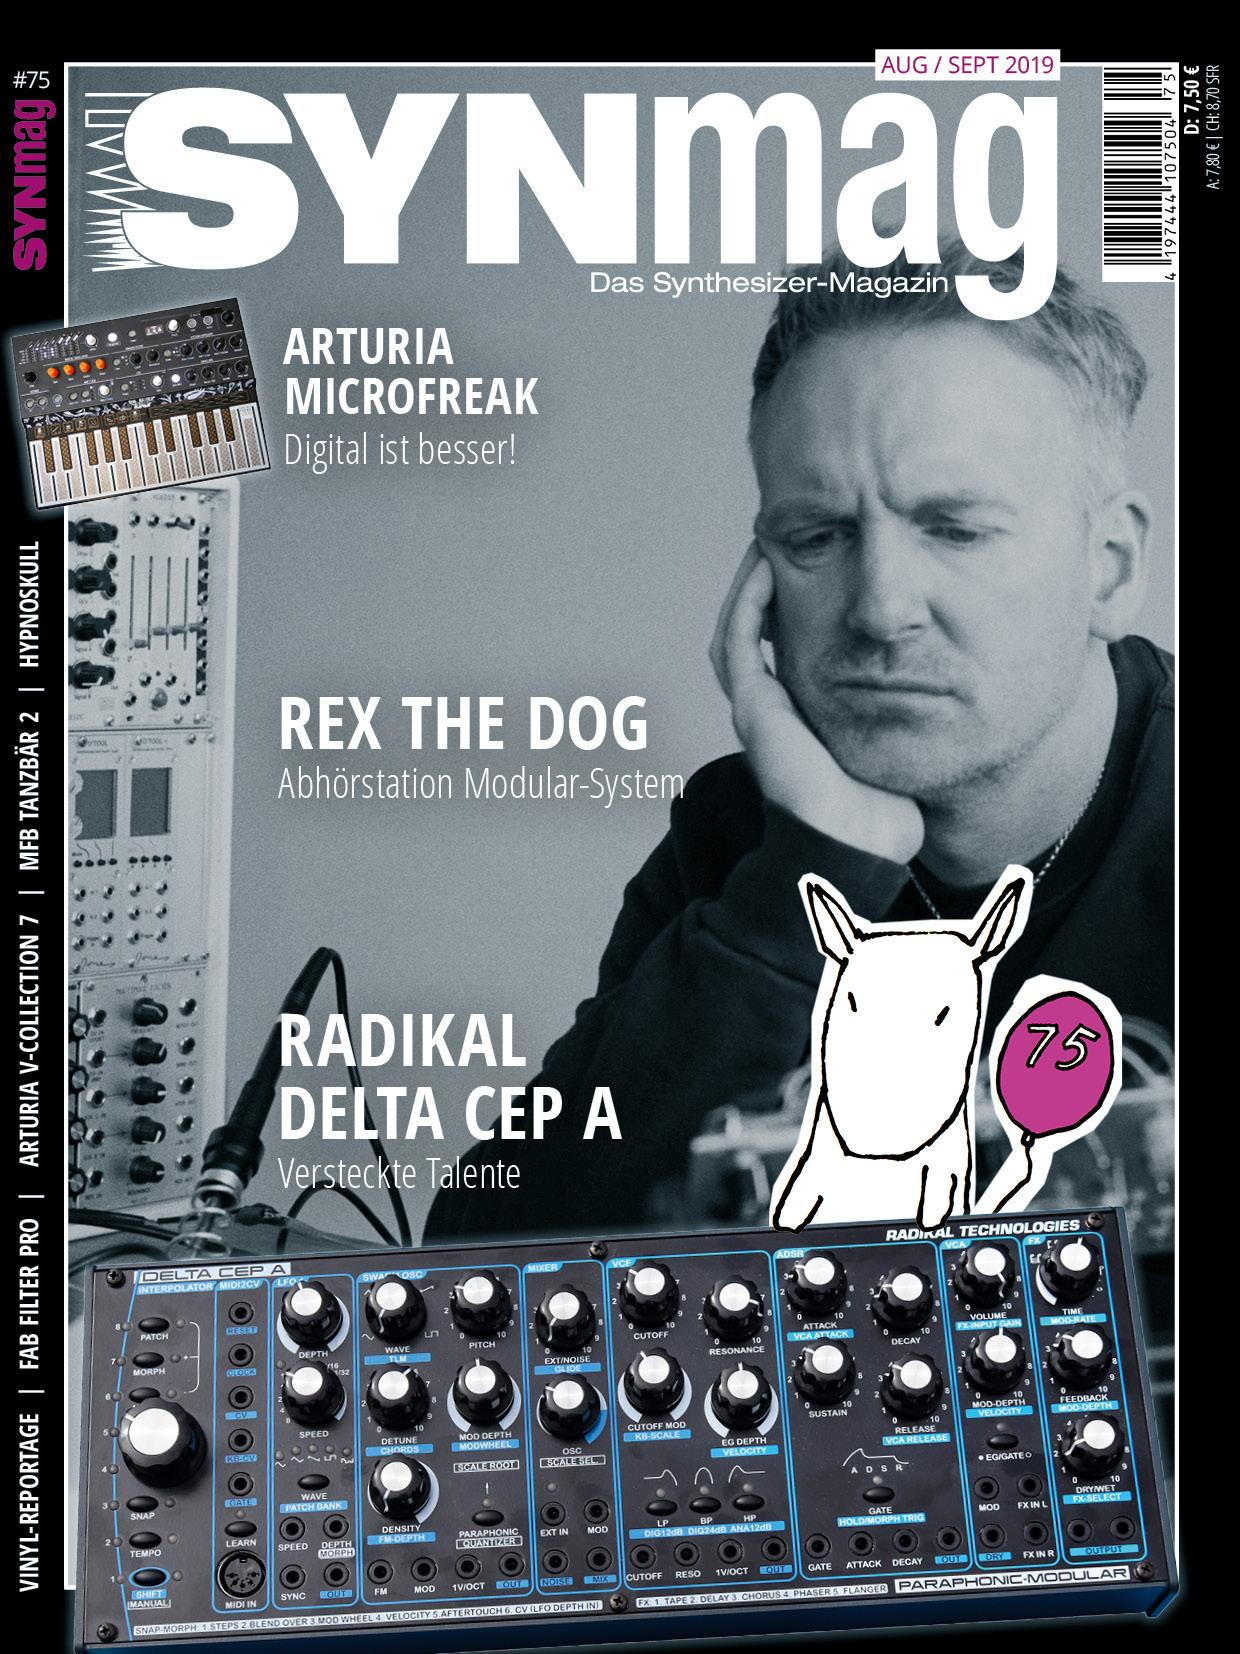 SynMag 75 - Das Synthesizer-Magazin